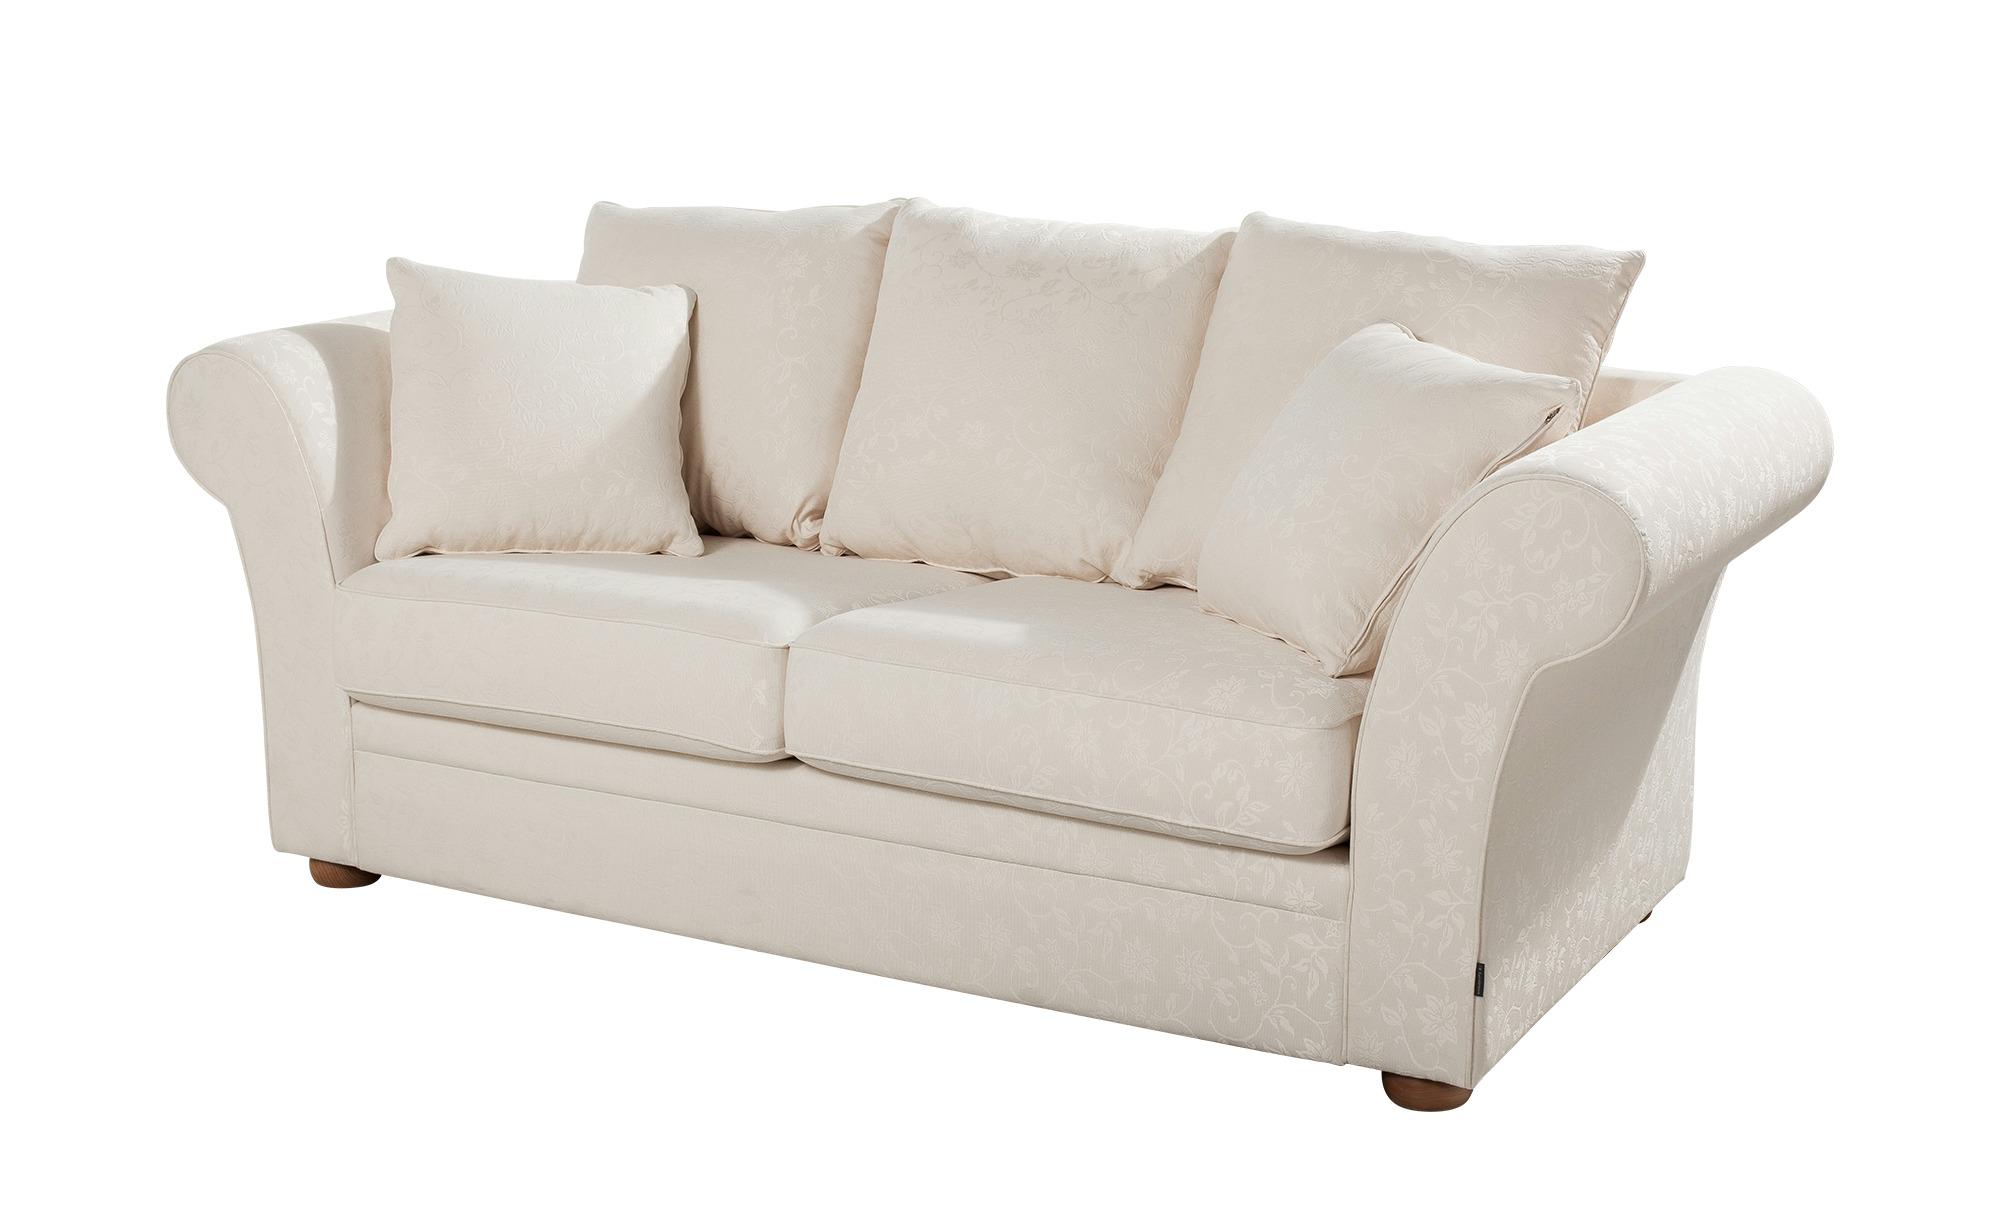 Full Size of Couch 2 5 Sitzer Leder Sofa Relaxfunktion Grau Stoff Mit Landhausstil Marilyn Federkern Microfaser Elektrisch Schlaffunktion Landhaus Wei Flachgewebe Olivia Sofa Sofa 2 5 Sitzer